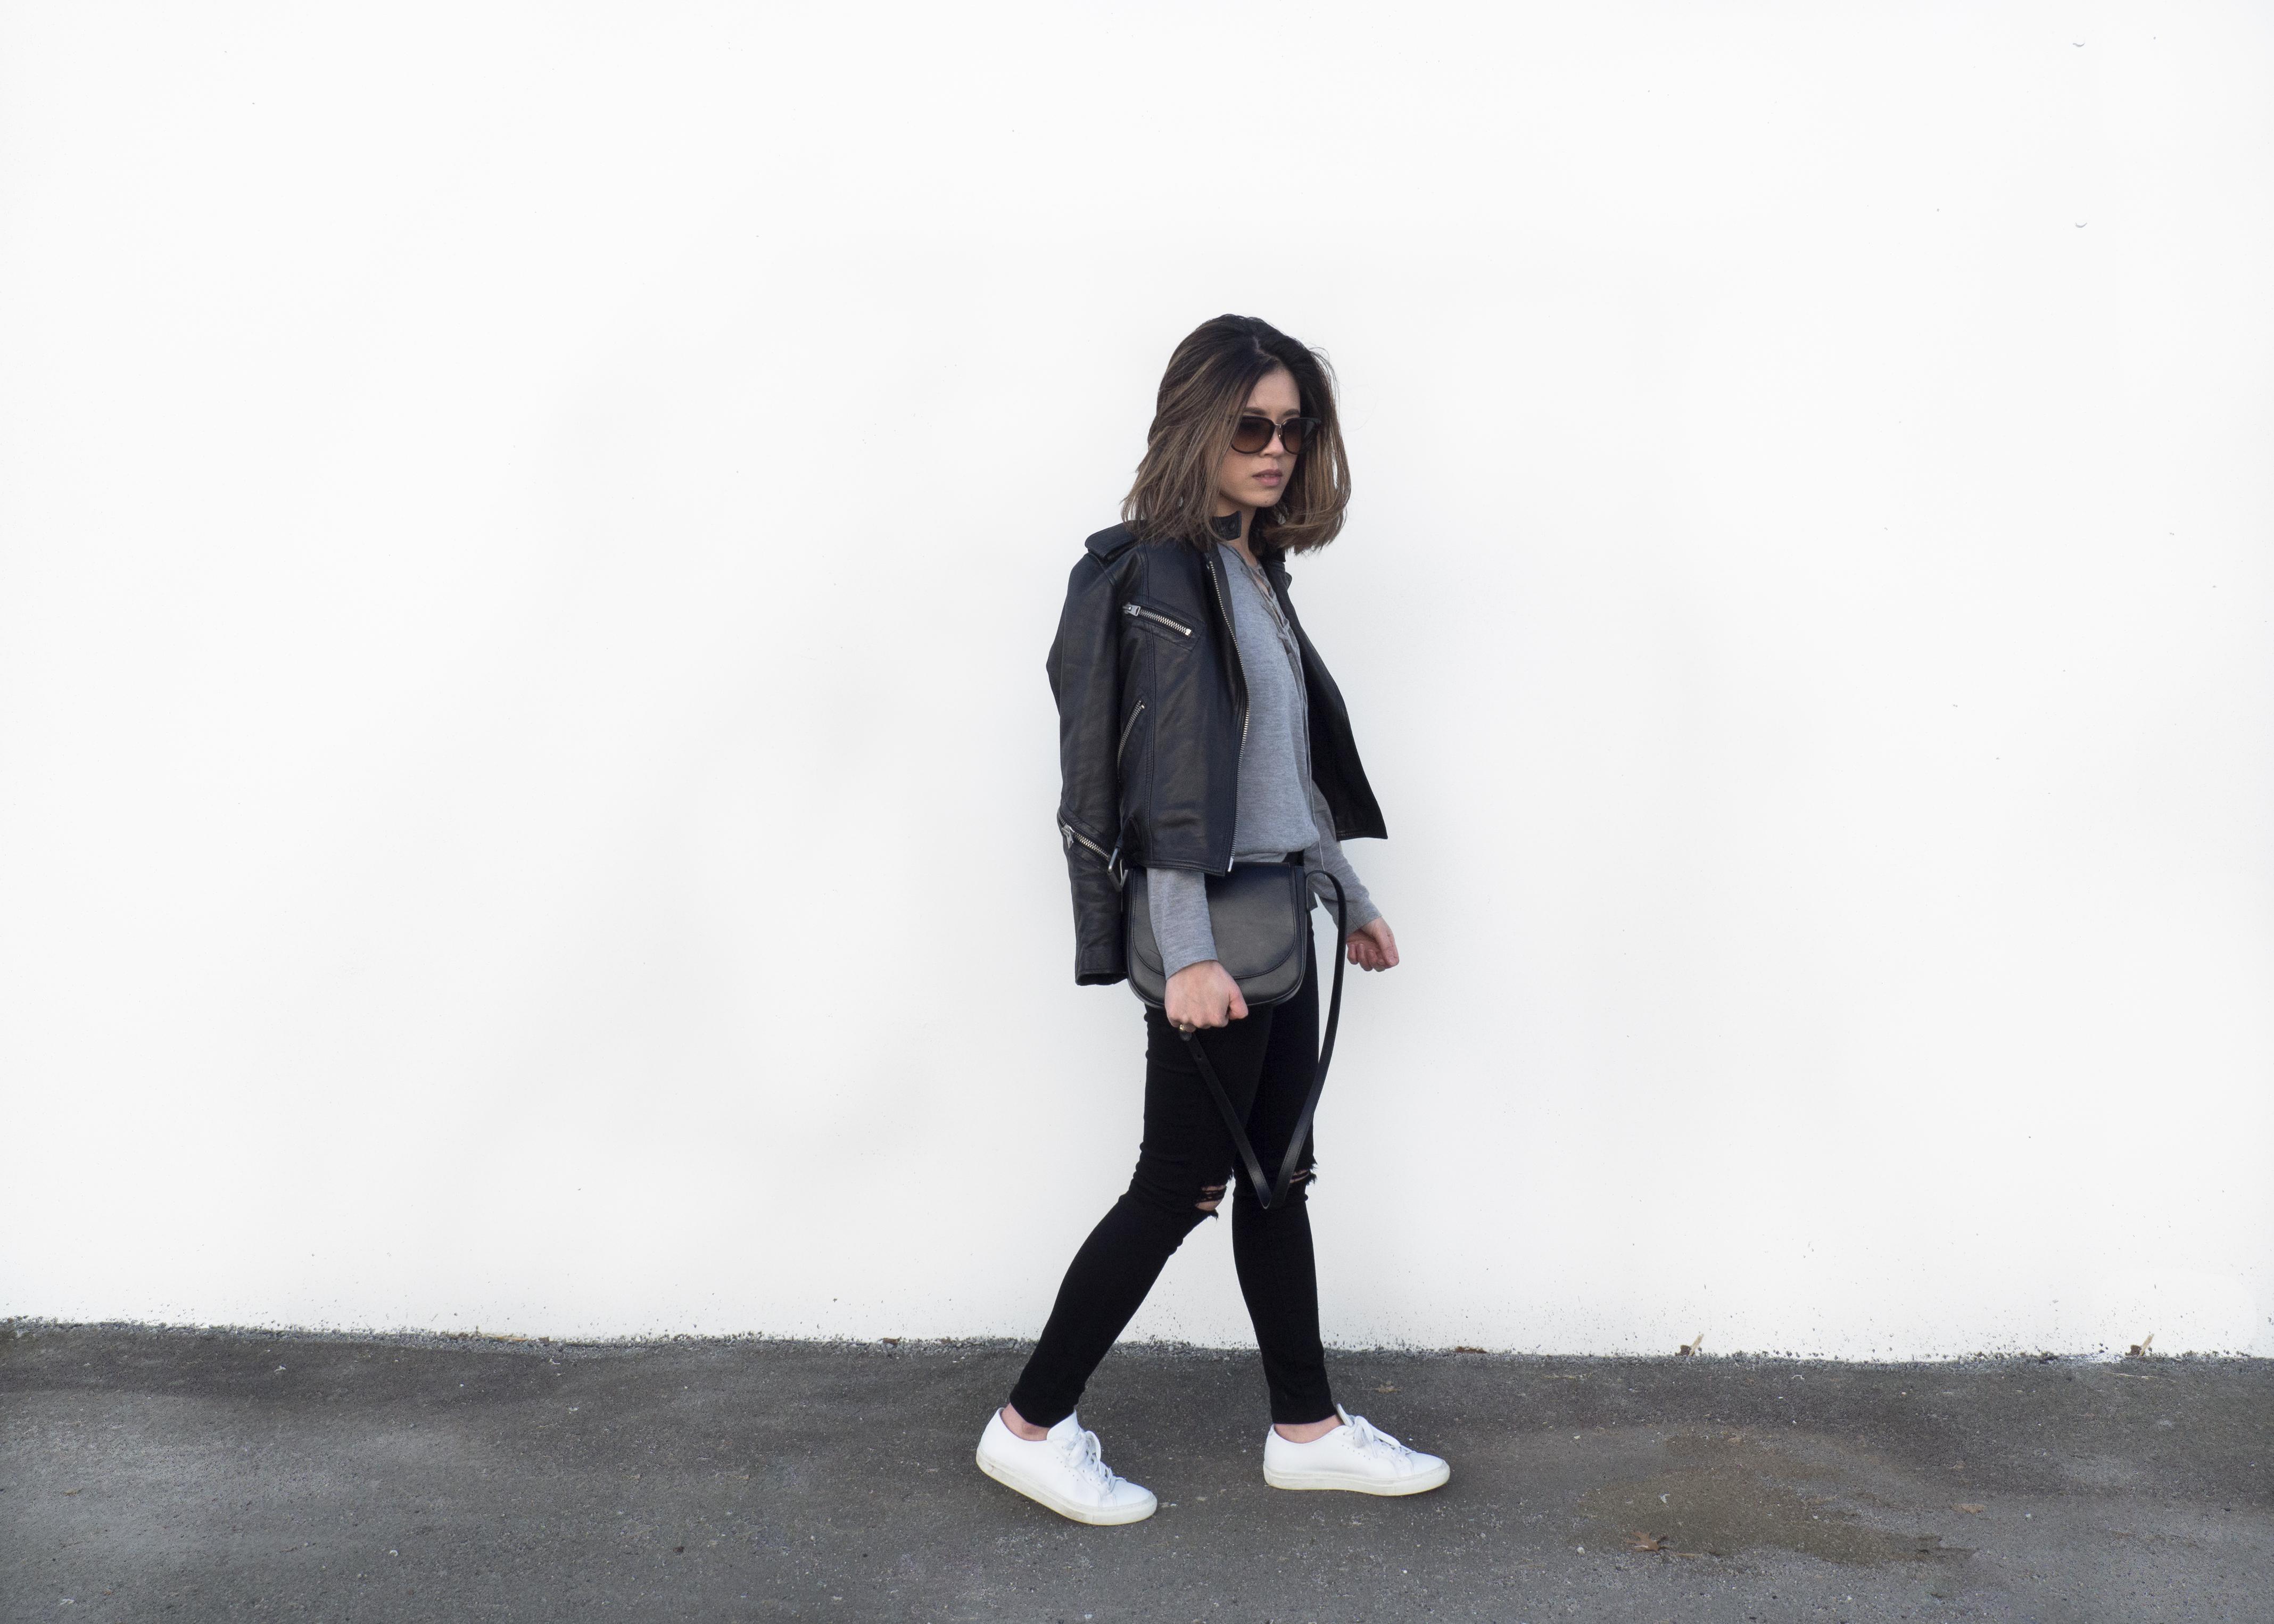 mansur gavriel black crossbody, All Saints leather jacket, baukjep sweaters